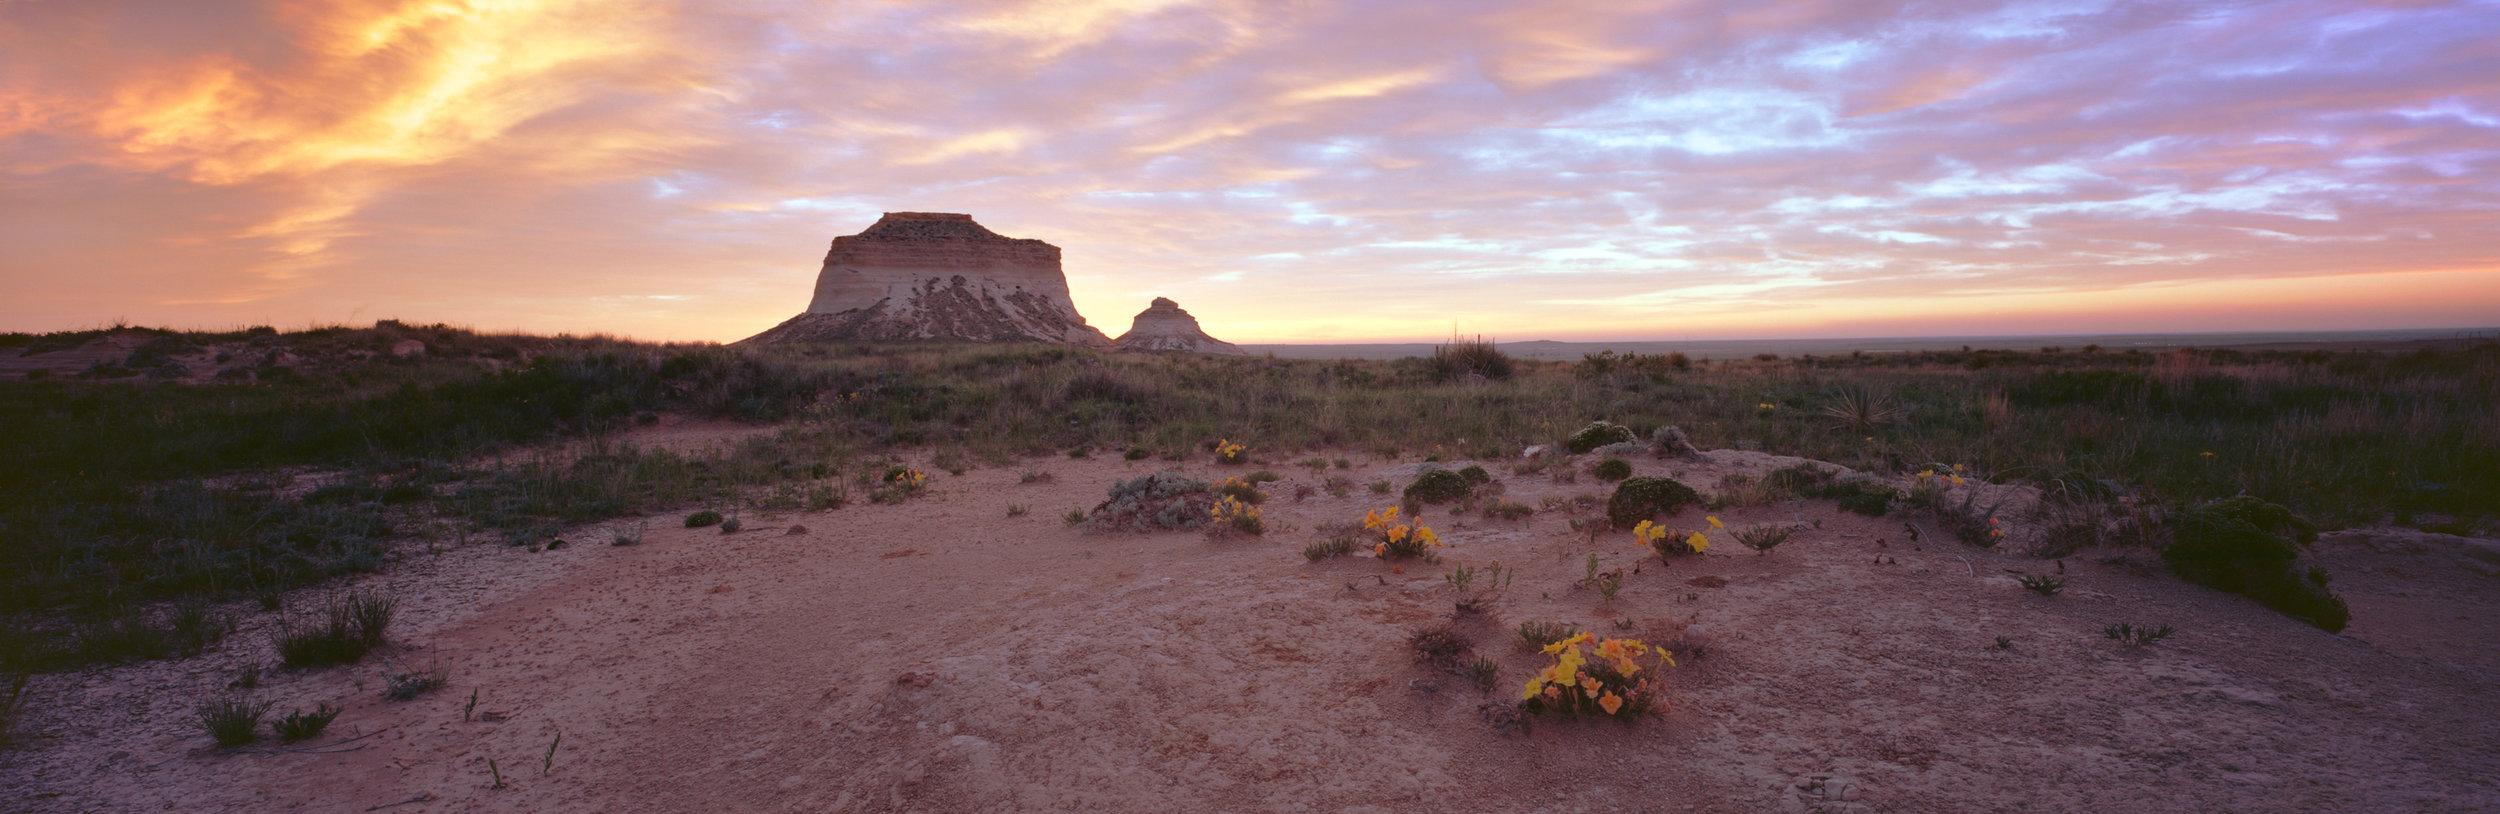 Pawnee Buttes at sunrise. Ektar 100, 2 sec, f/32.